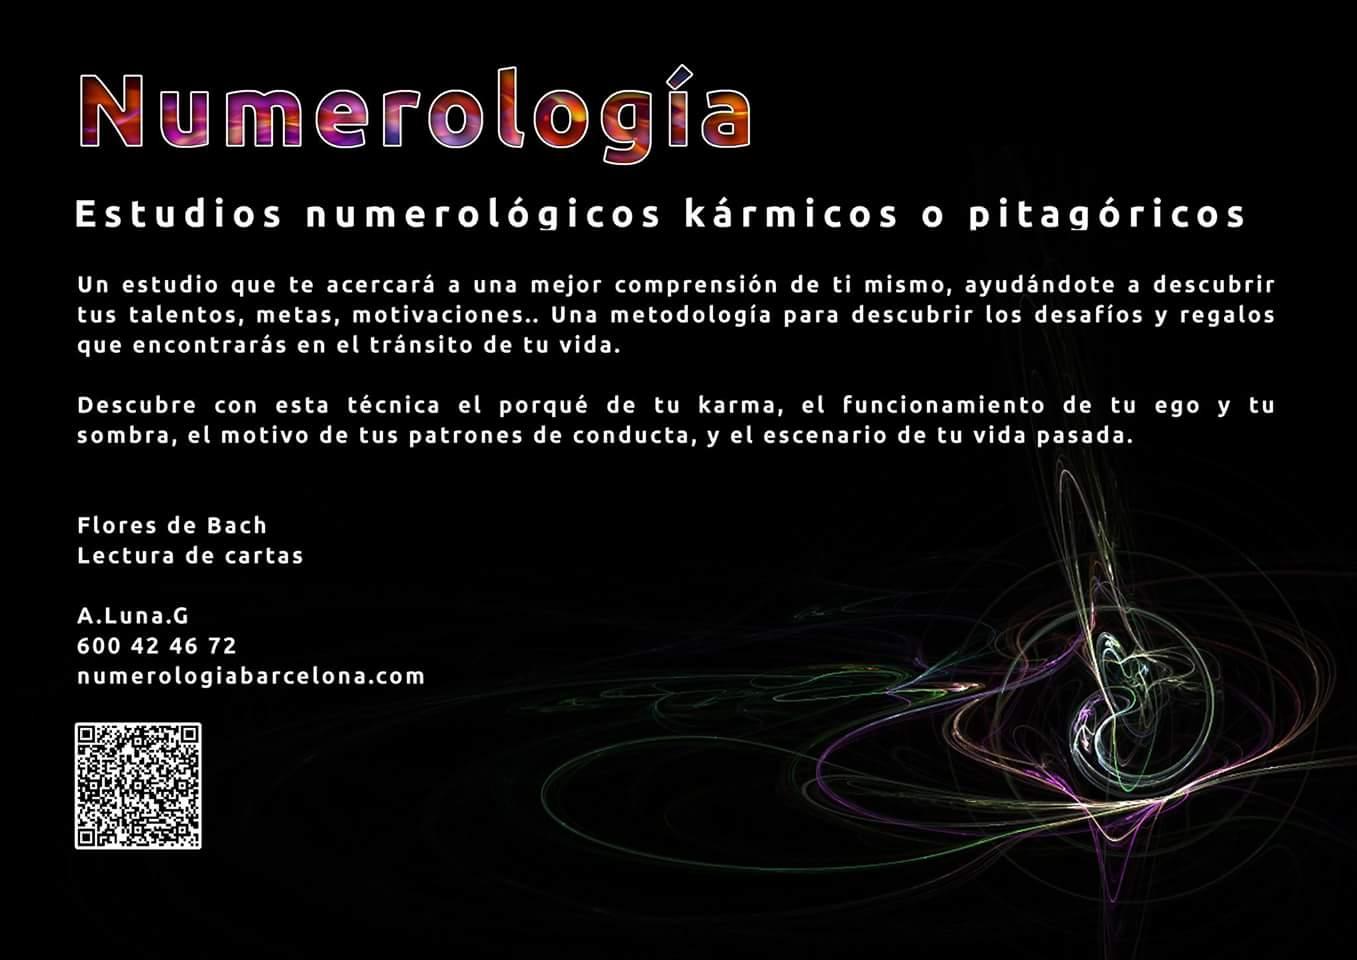 Estudios numerologicos | Numerología Barcelona